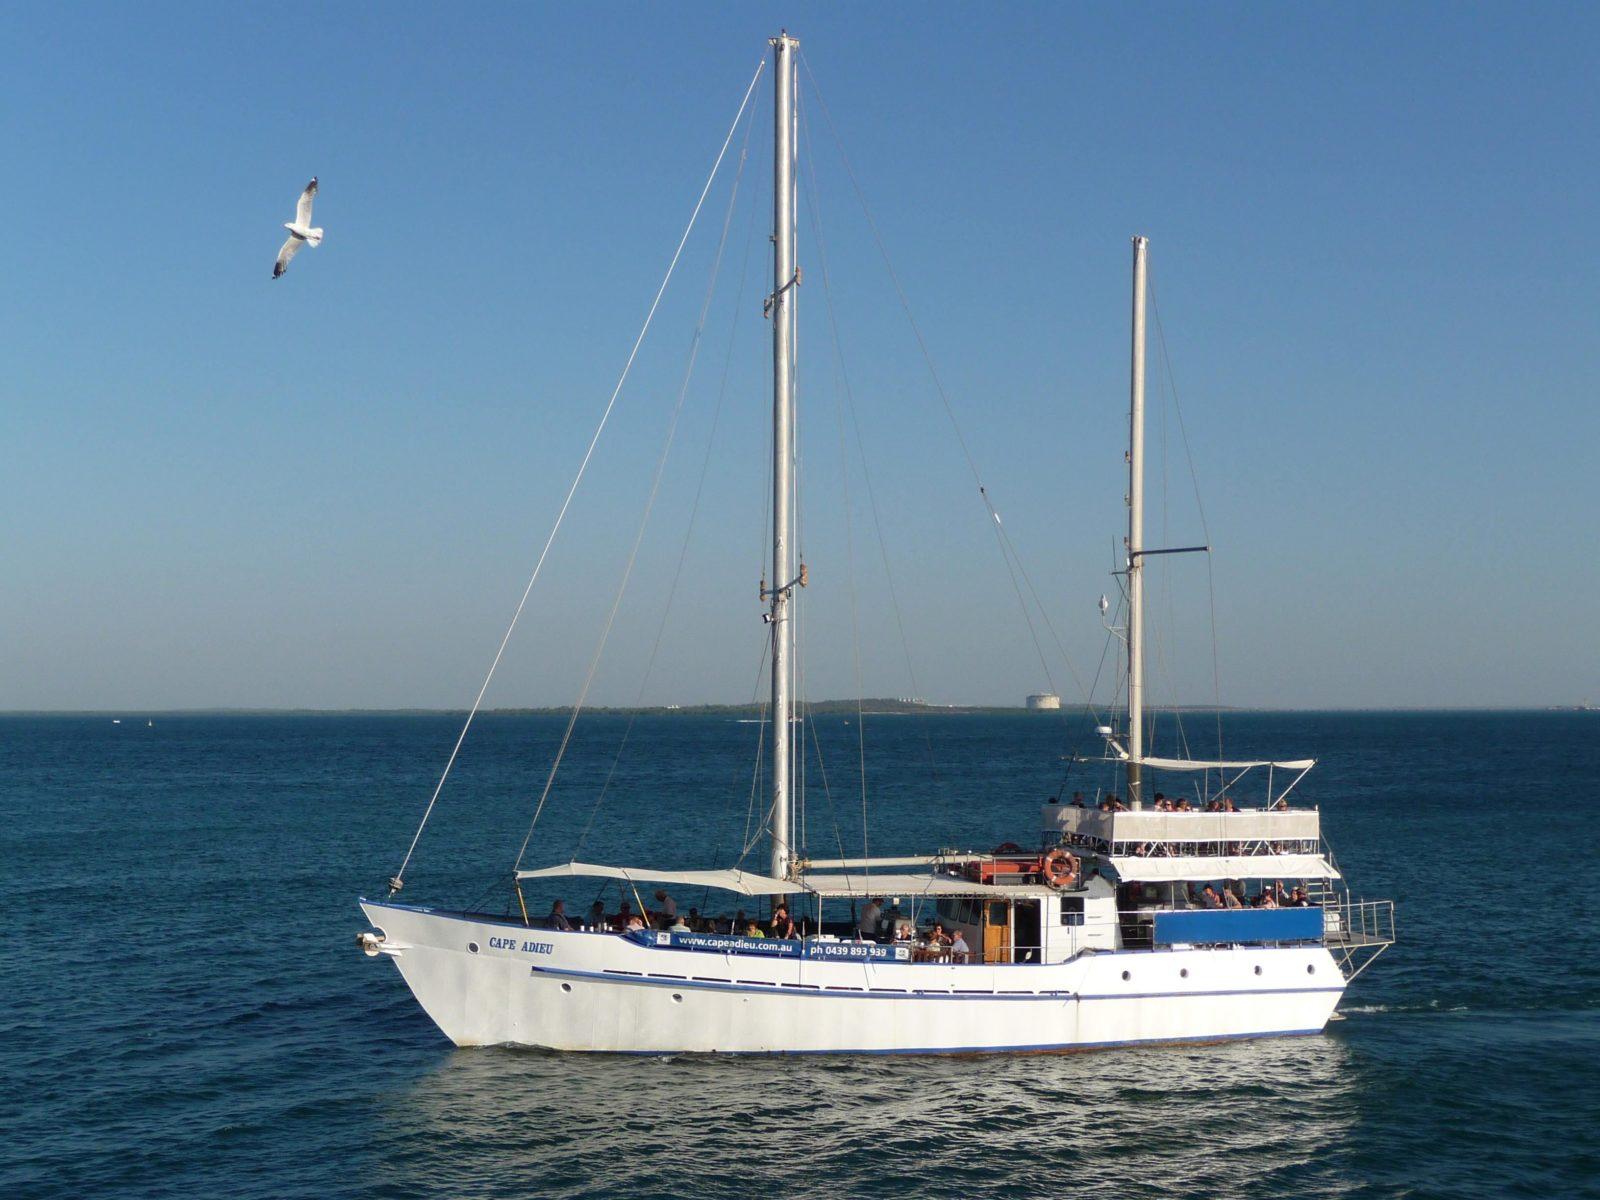 Cape Adieu